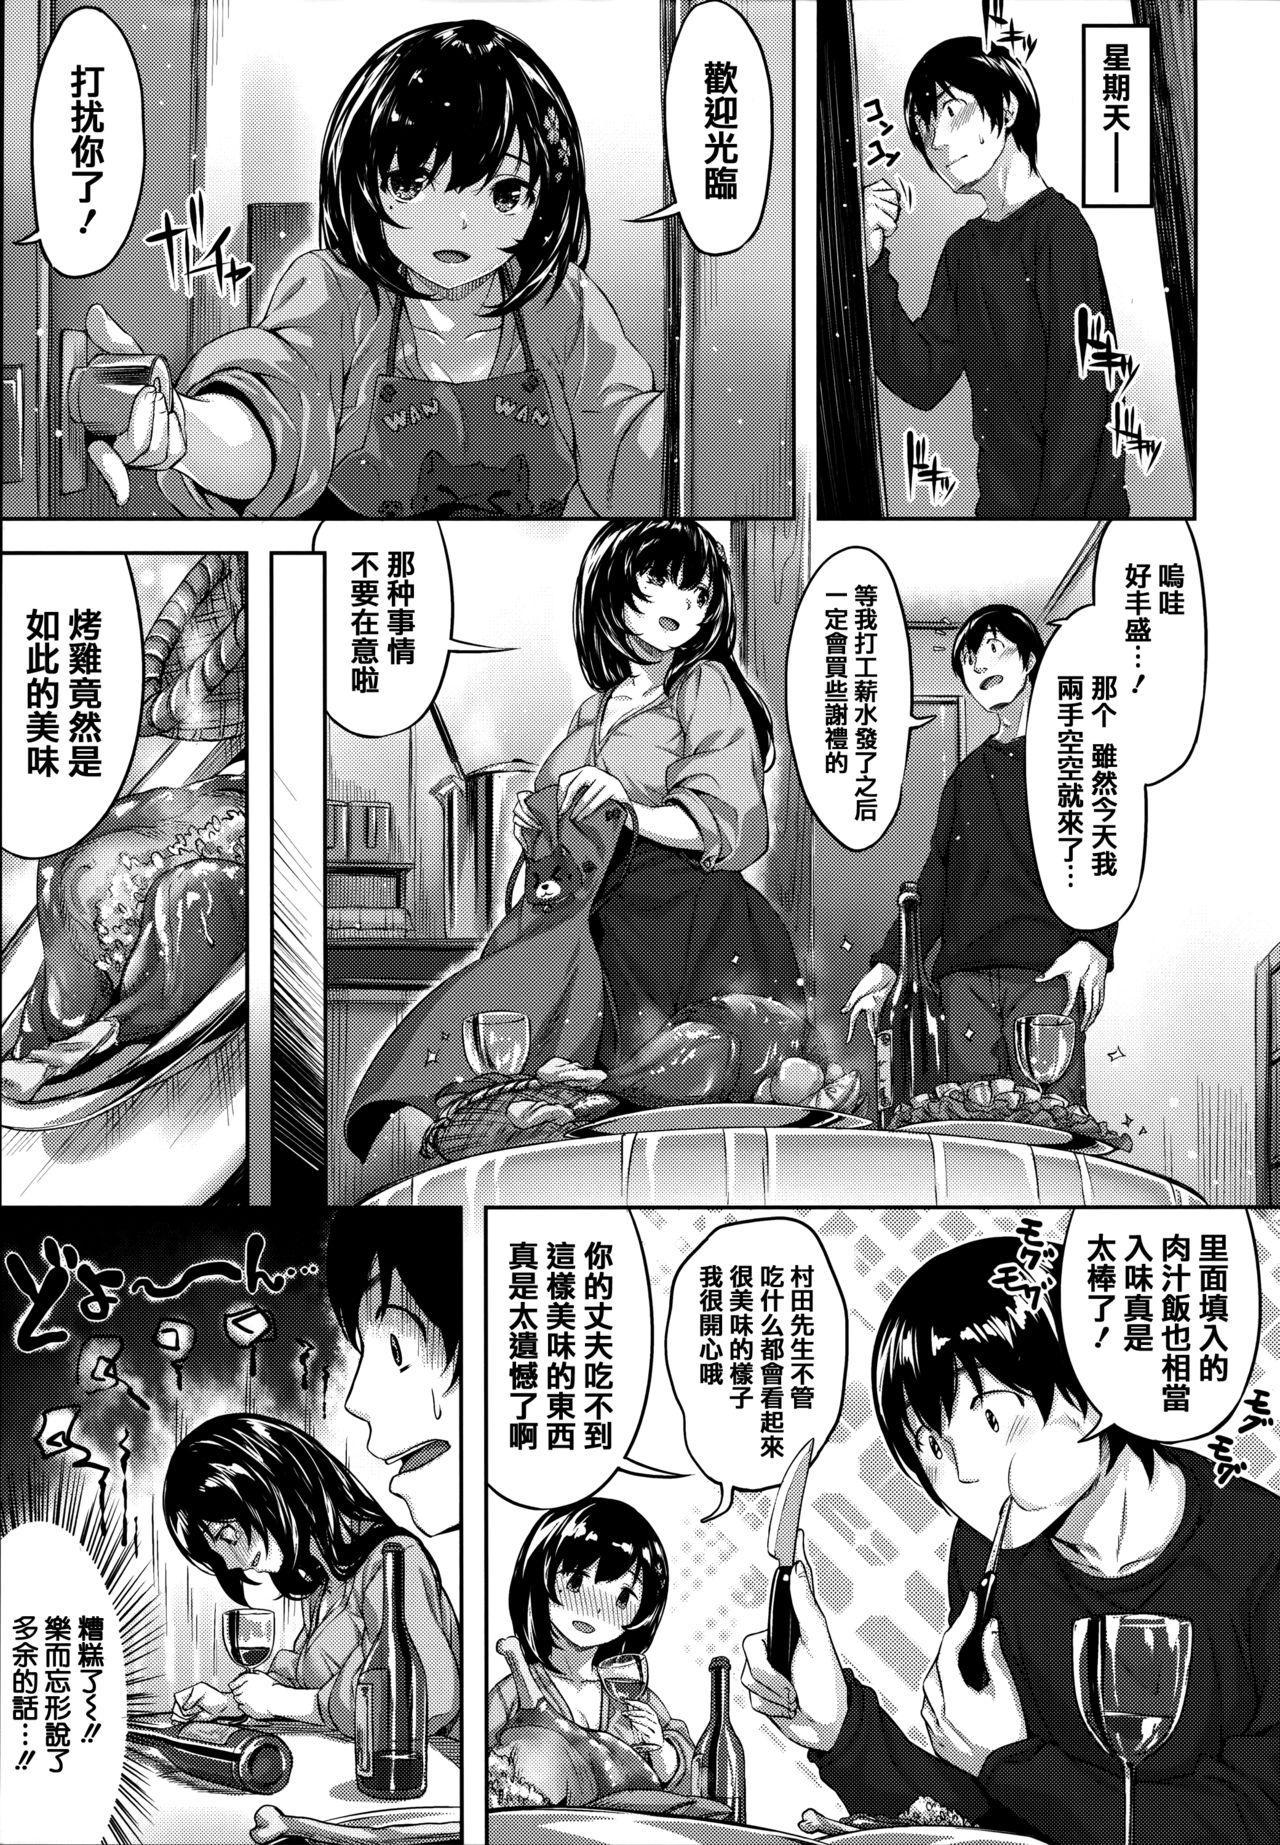 Zutto Daisuki 159